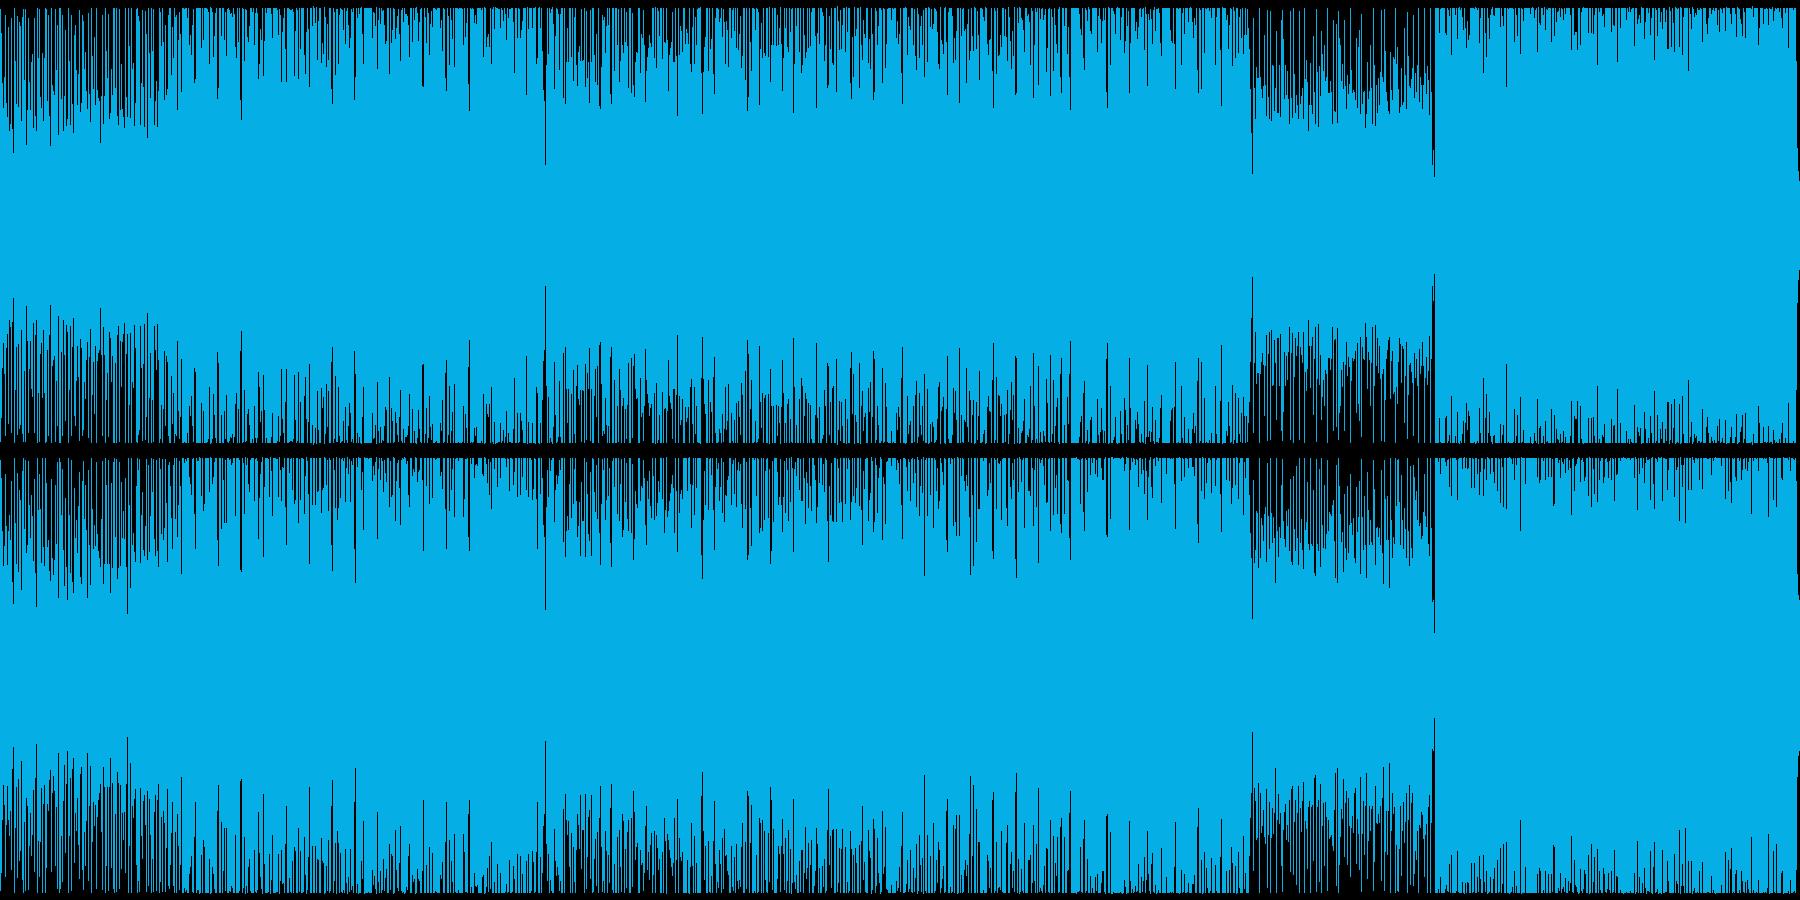 ダークな雰囲気のハイテンポな戦闘曲ループの再生済みの波形